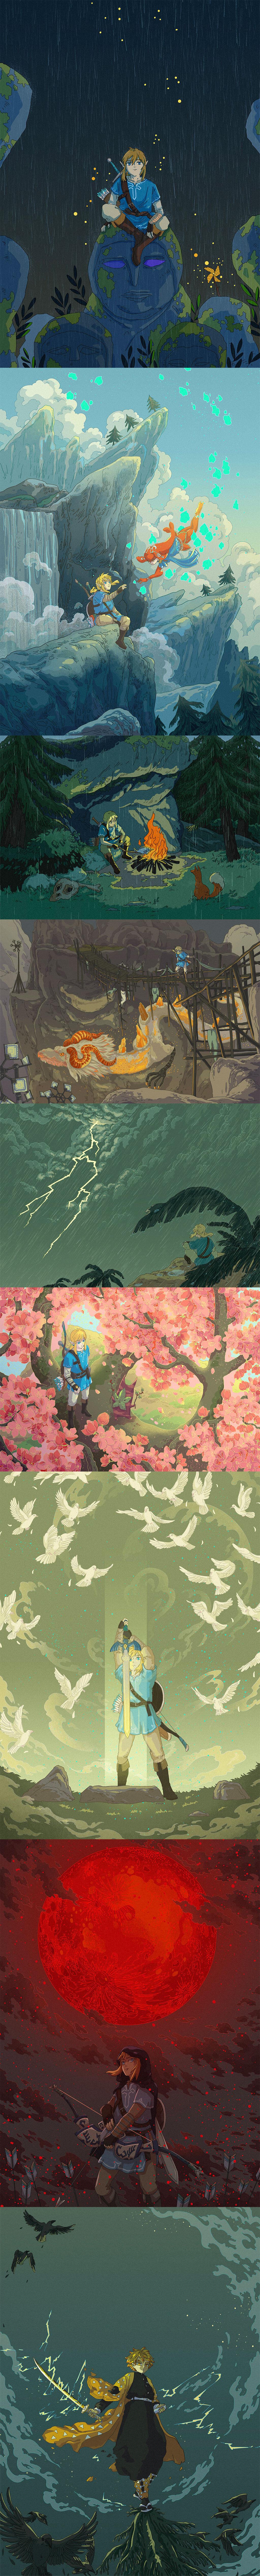 Zelda Fan Art by Shirley Gong